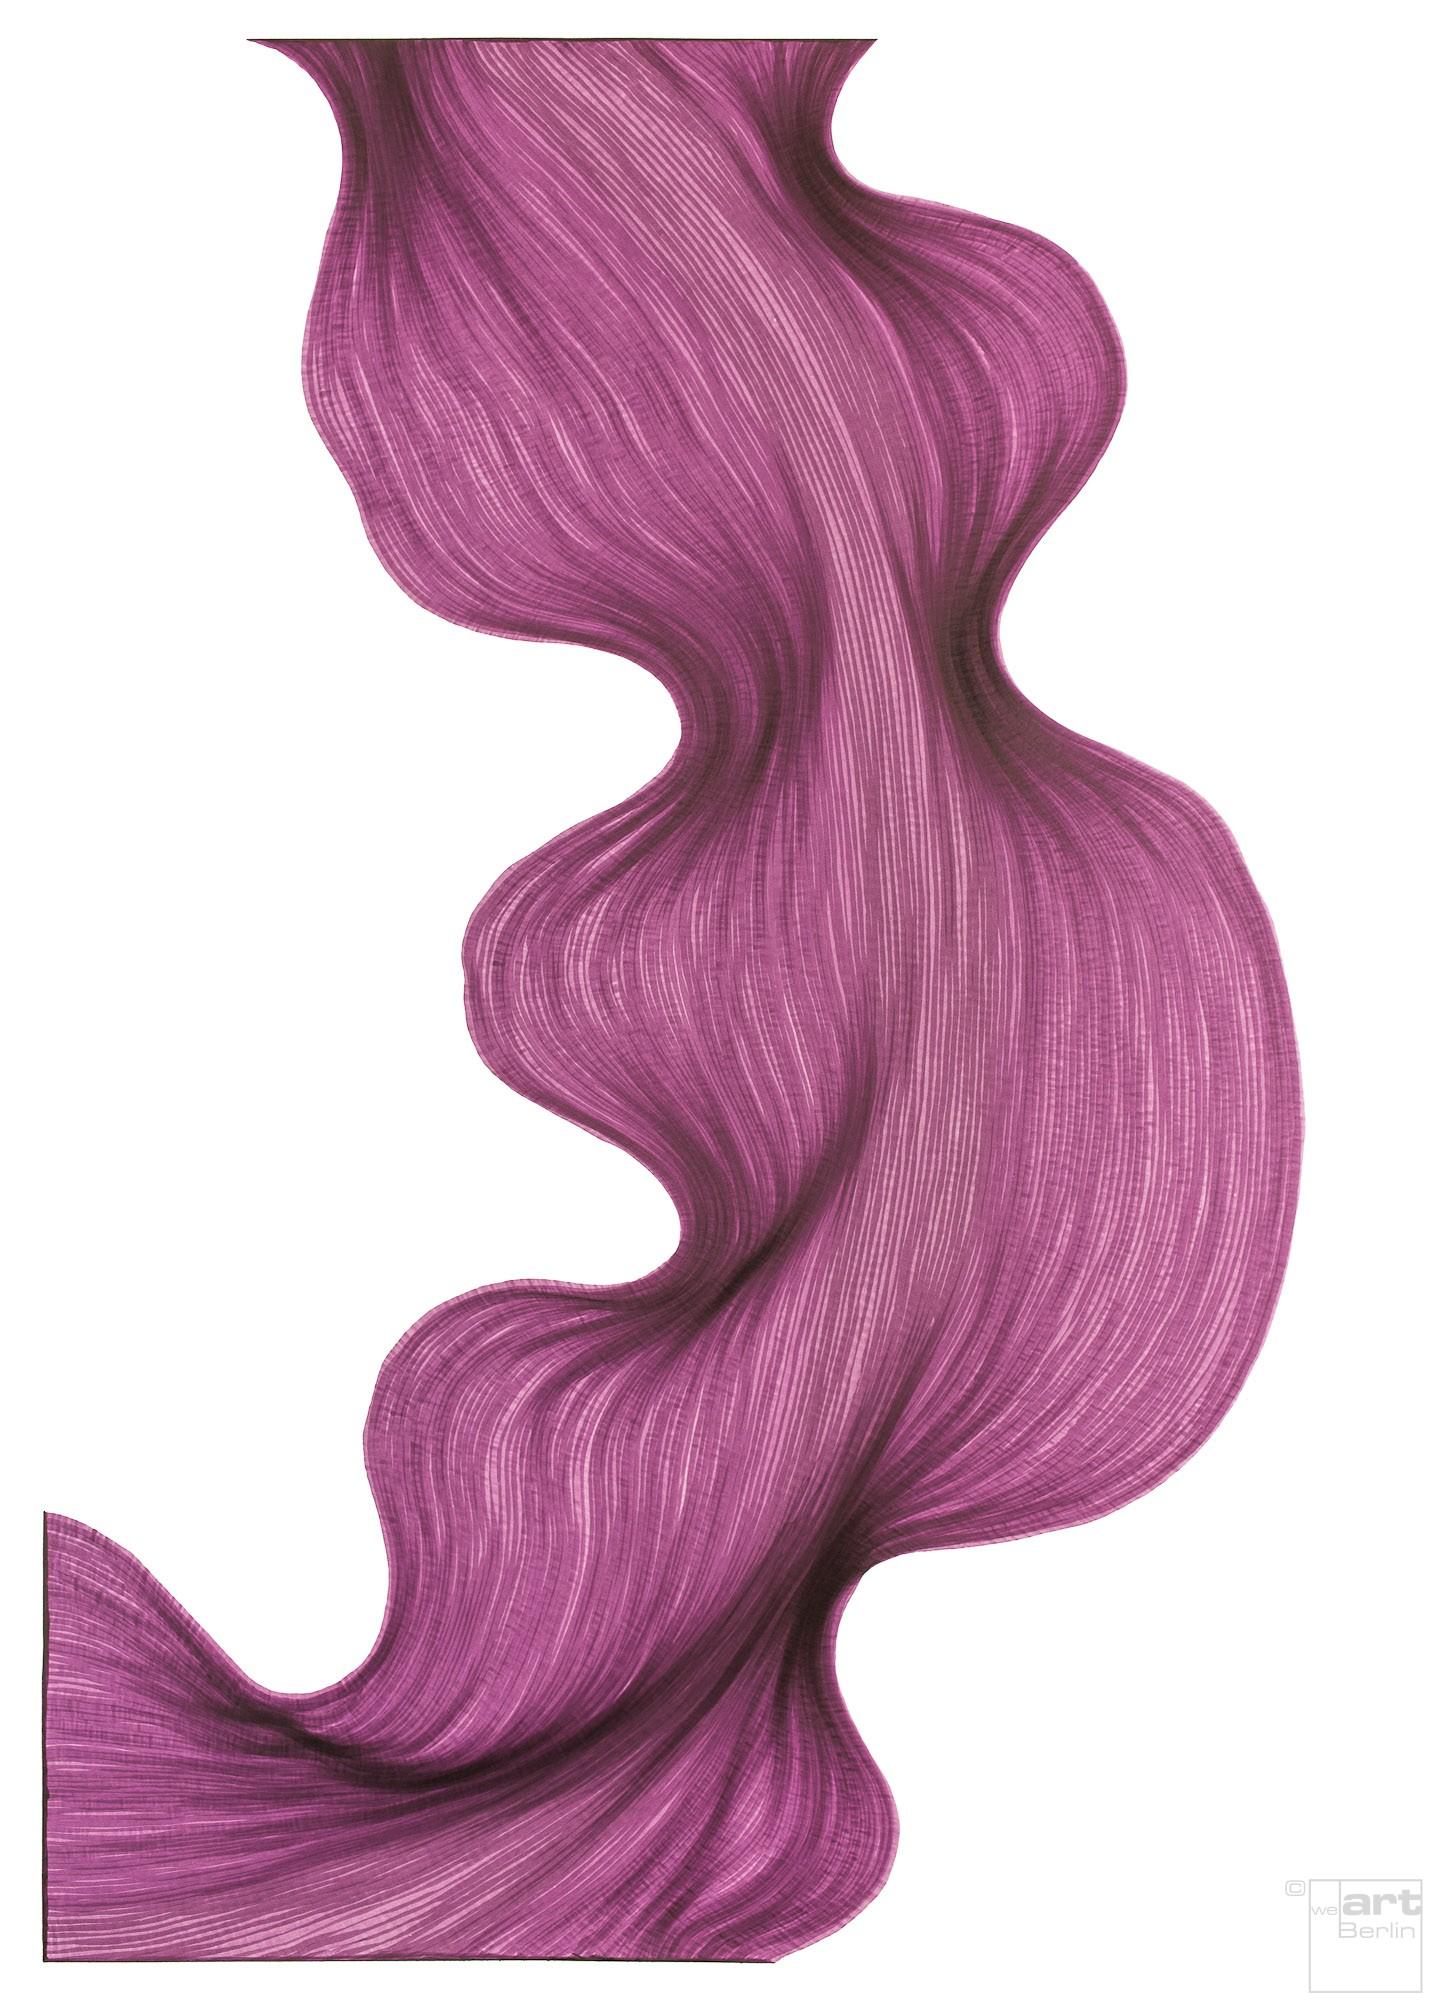 Bubbly Violet | Lali Torma | Zeichnung | Kalligraphie Tinte auf Papier